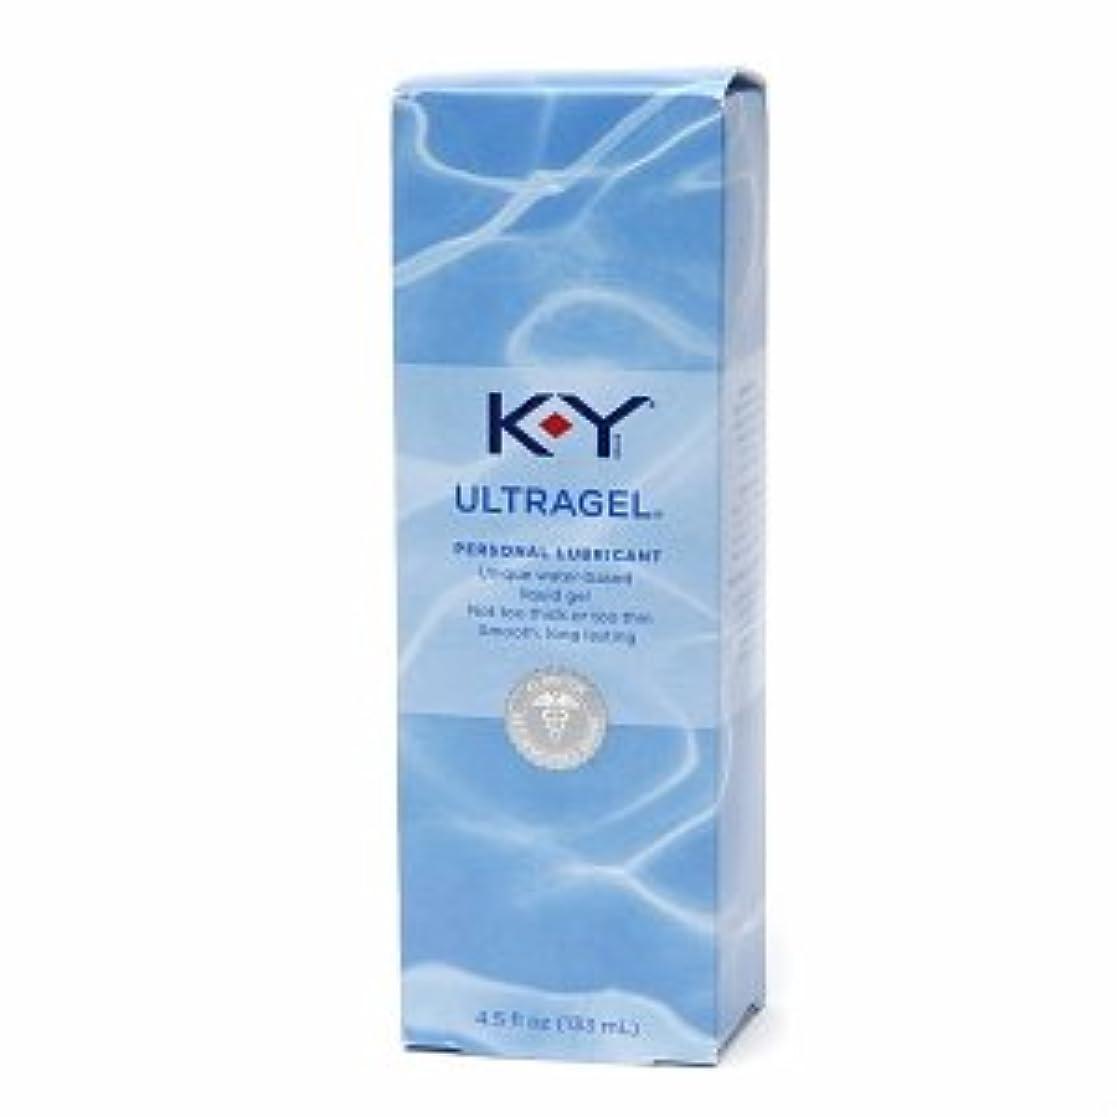 変える漏れ貴重な074 不感症で濡れにくい方へ【高級潤滑剤 KYゼリー】 水溶性の潤滑ジェル42g 海外直送品